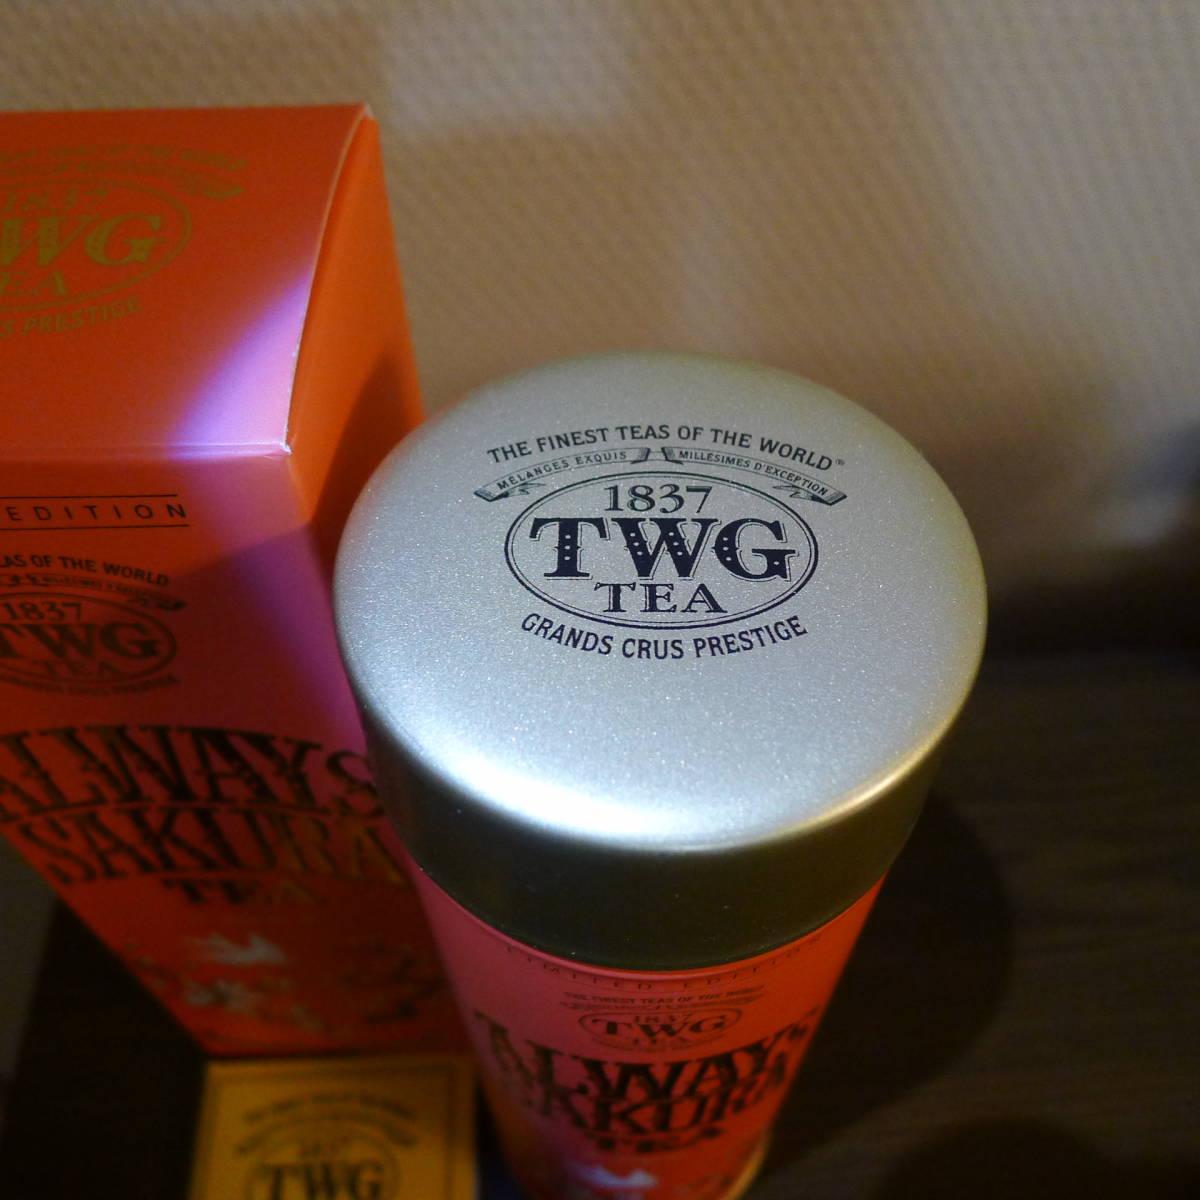 新品TWG オールウェイズサクラ 茶葉100g缶 ローズ緑茶 (ルースティー煎茶 グリーンティー チェリー TEA ティーダブルジーティー紅茶_画像2